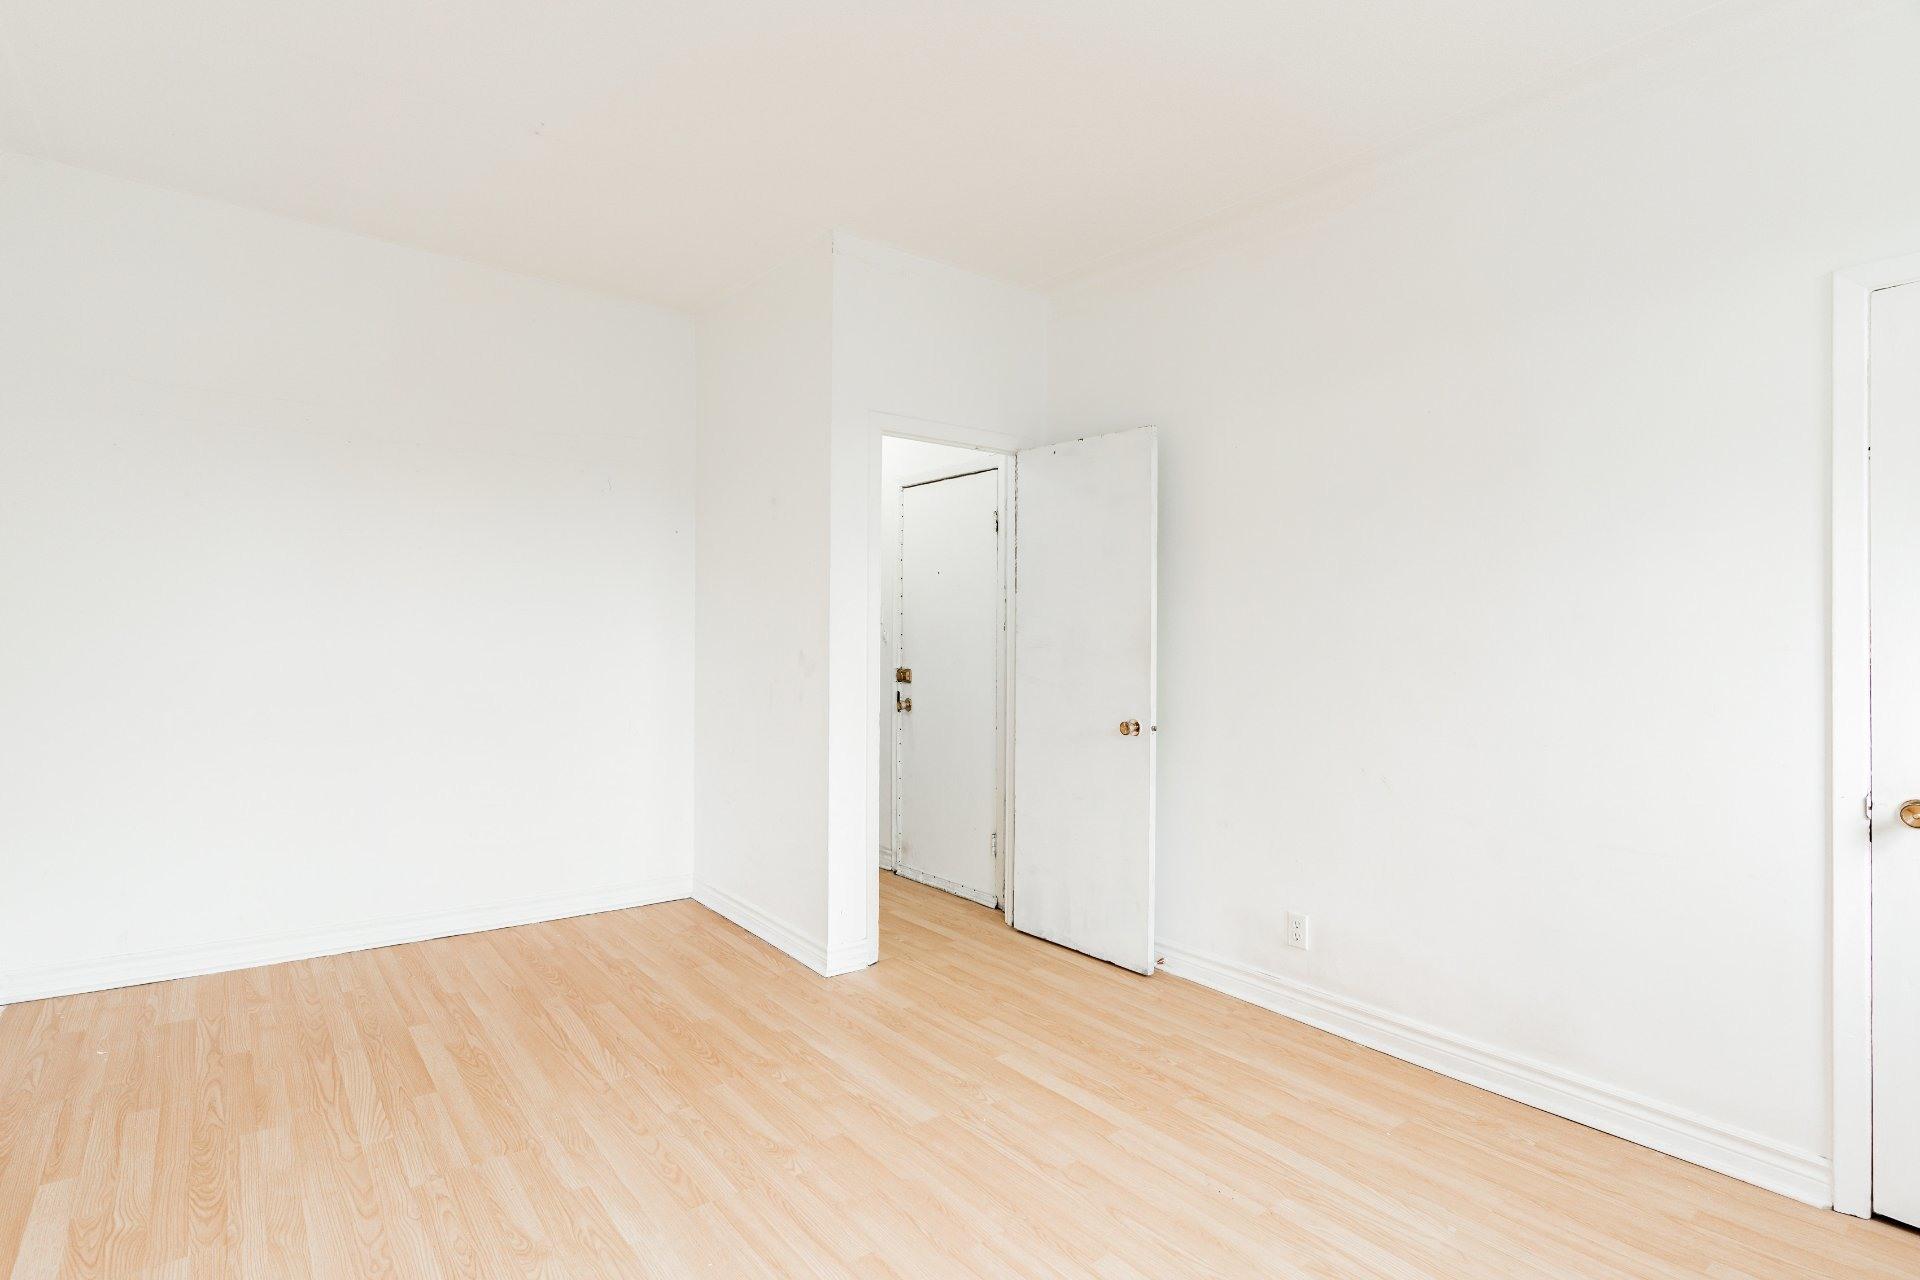 image 3 - Appartement À louer Rosemont/La Petite-Patrie Montréal  - 5 pièces